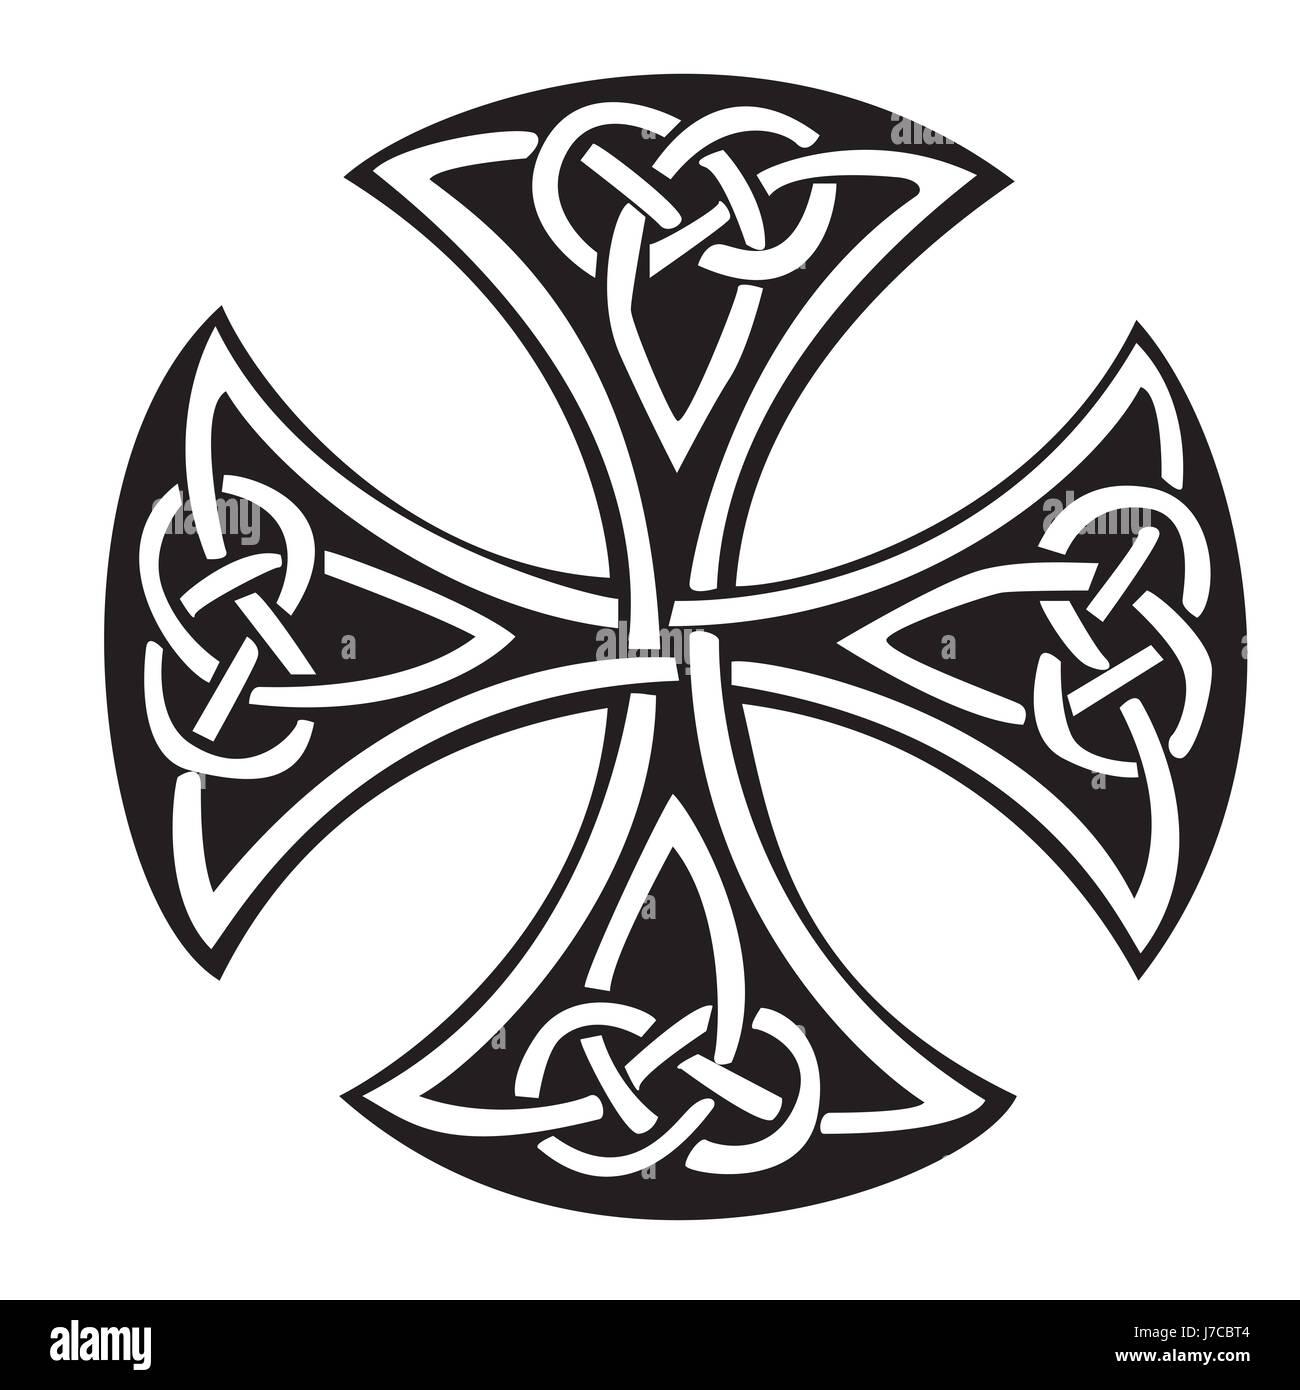 CalamycomcompJCBTreligionreligiousartcr - Celtic religion